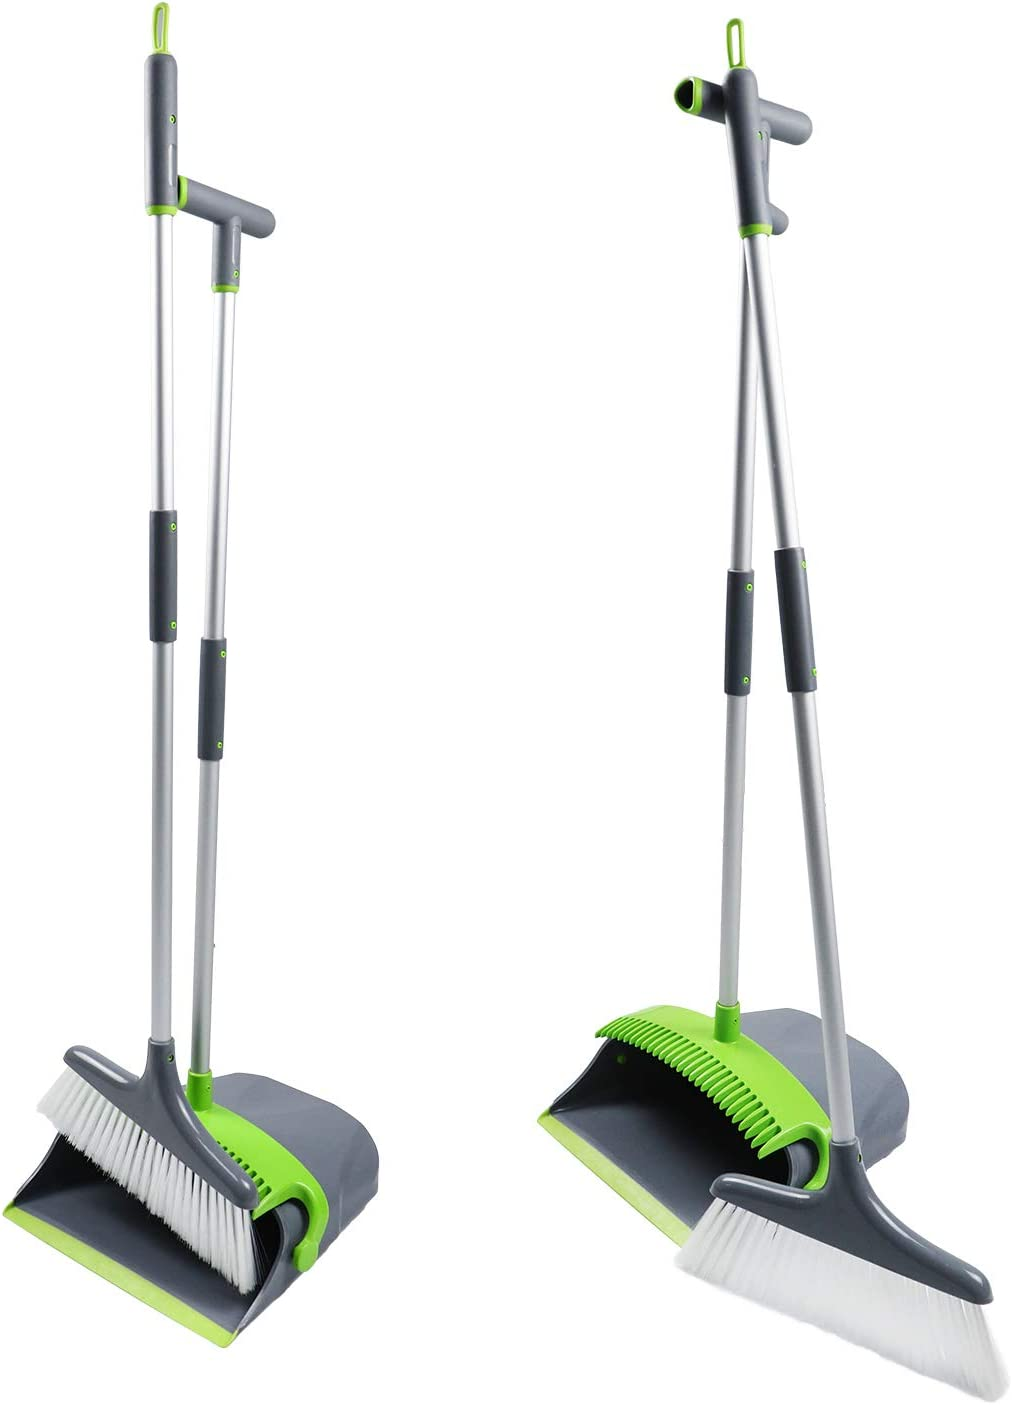 AmazonBasics Adjustable Broom and Dustpan Set